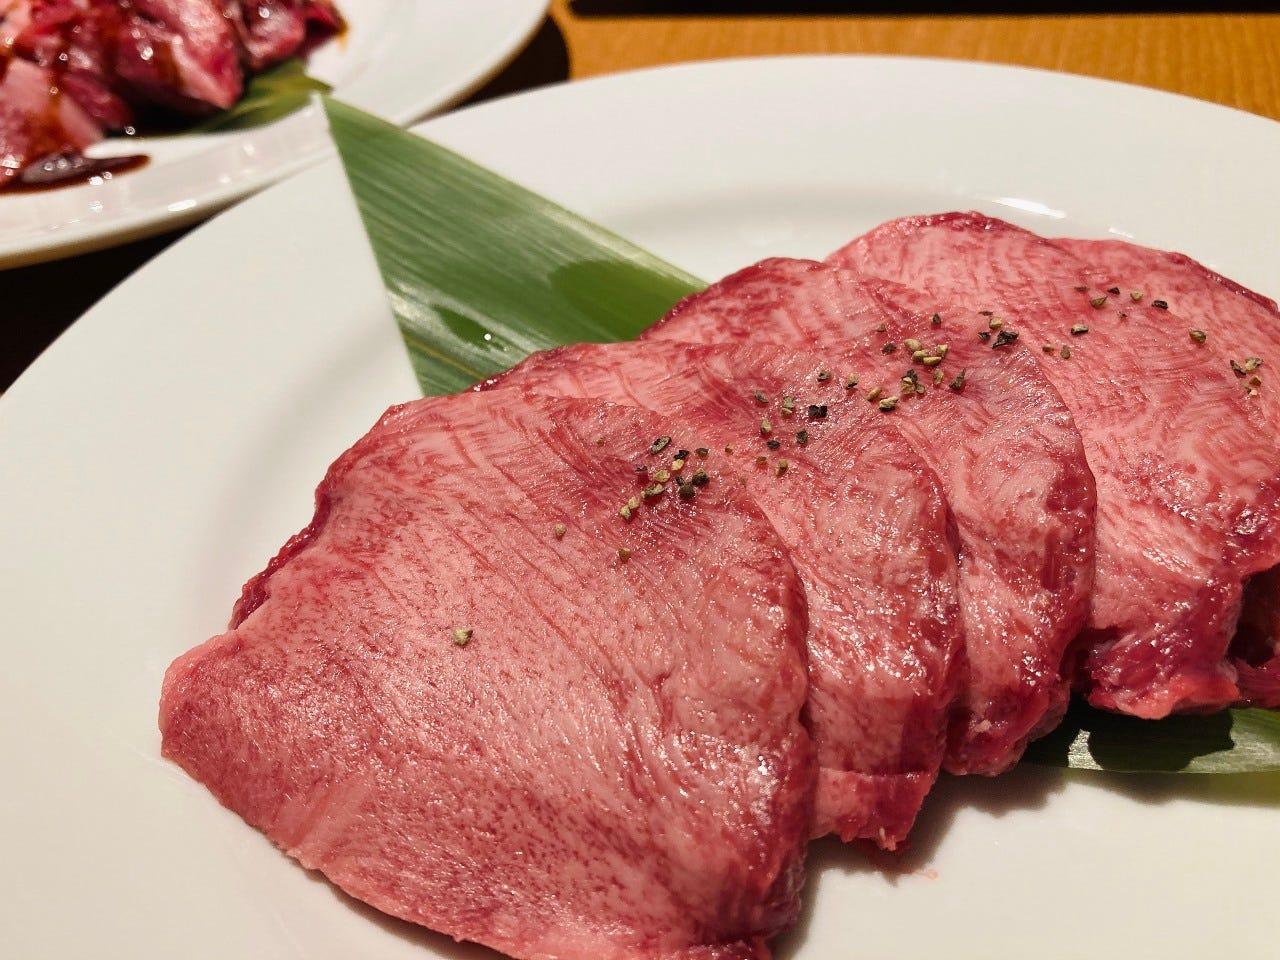 最高品質のお肉と厳選したお酒を最強コスパで!